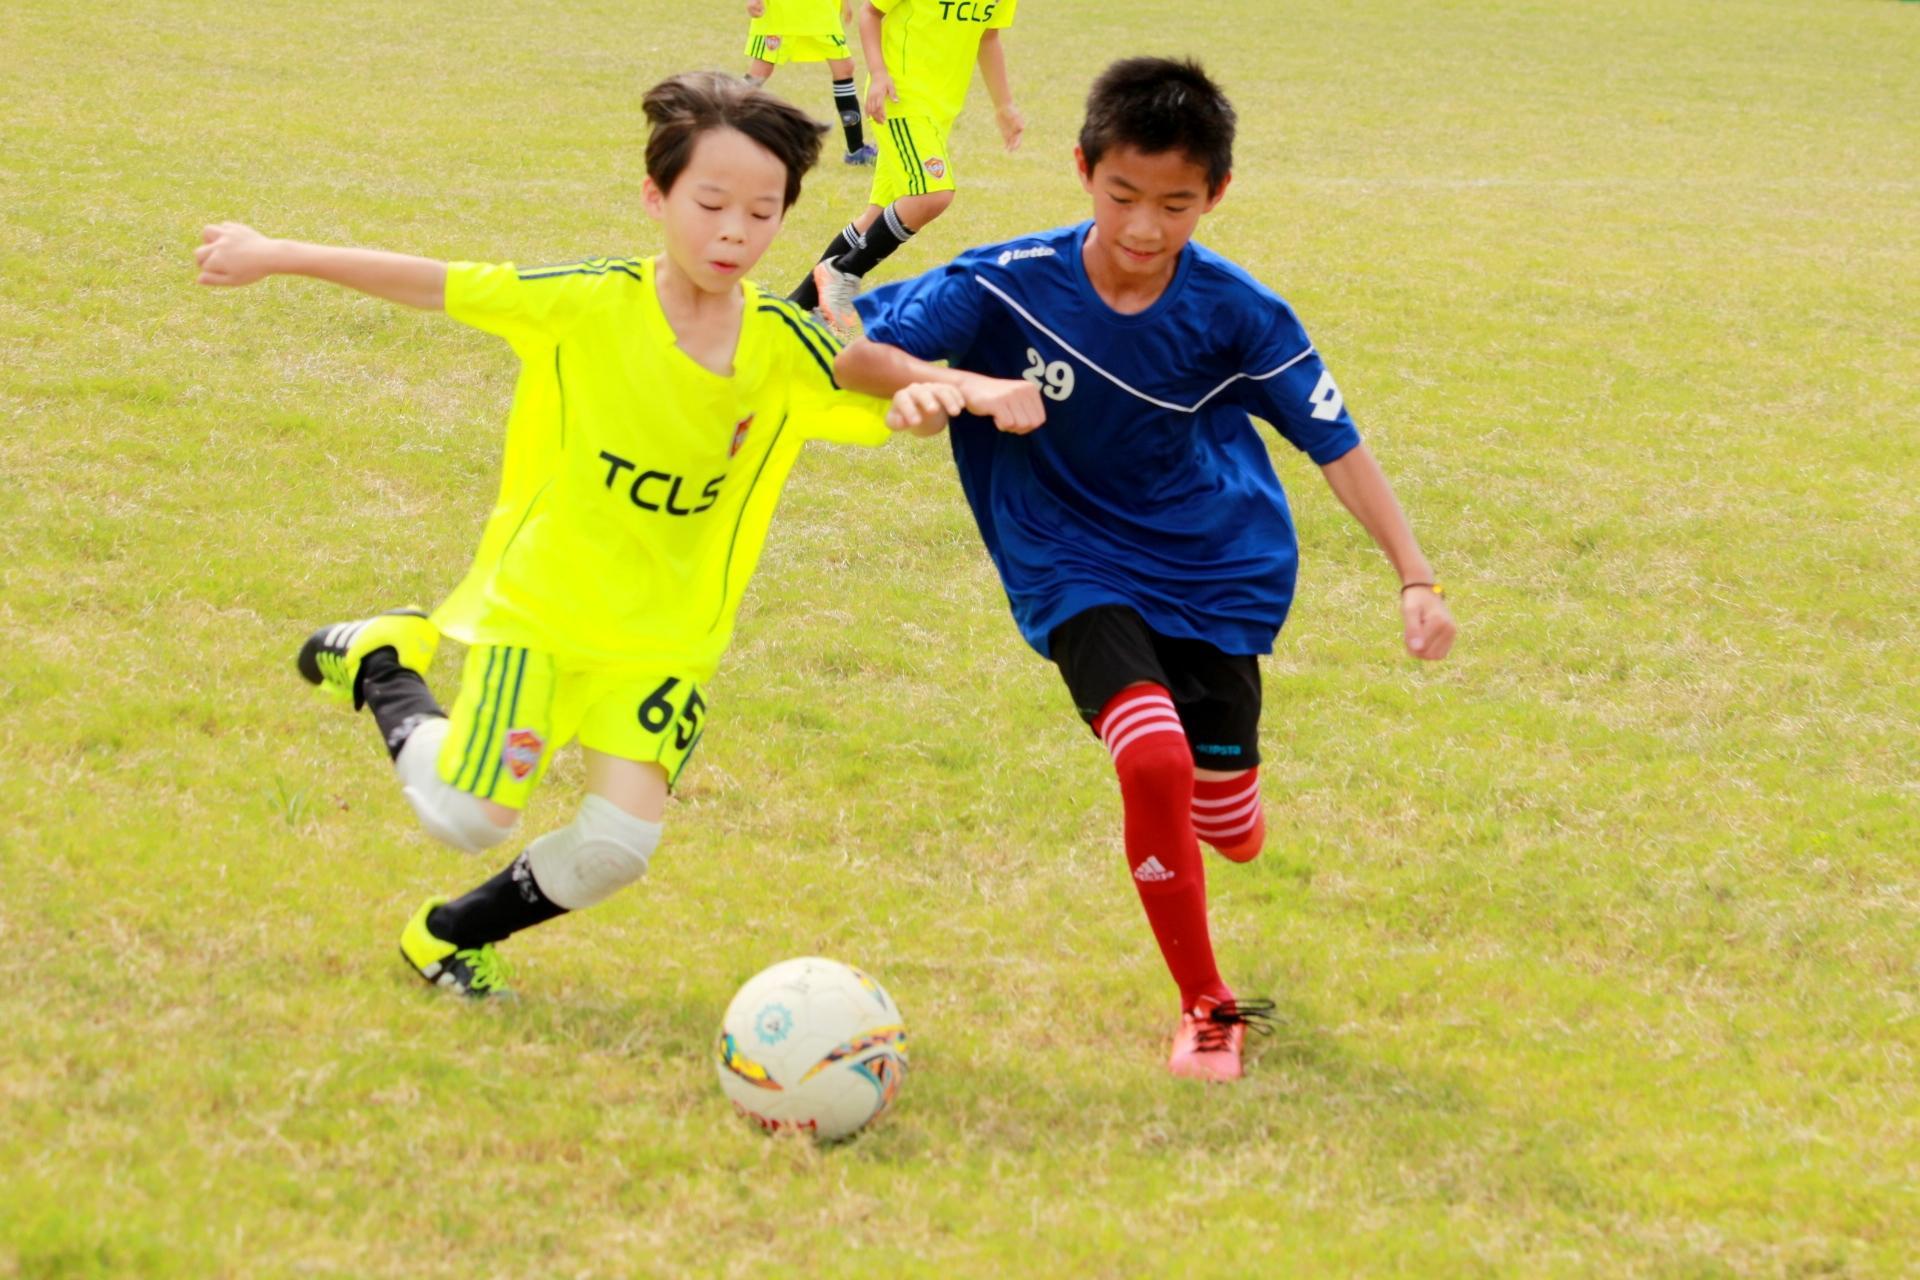 2016中原大學桂冠超級盃少年足球賽開打 推動全民健康樂活的運動精神